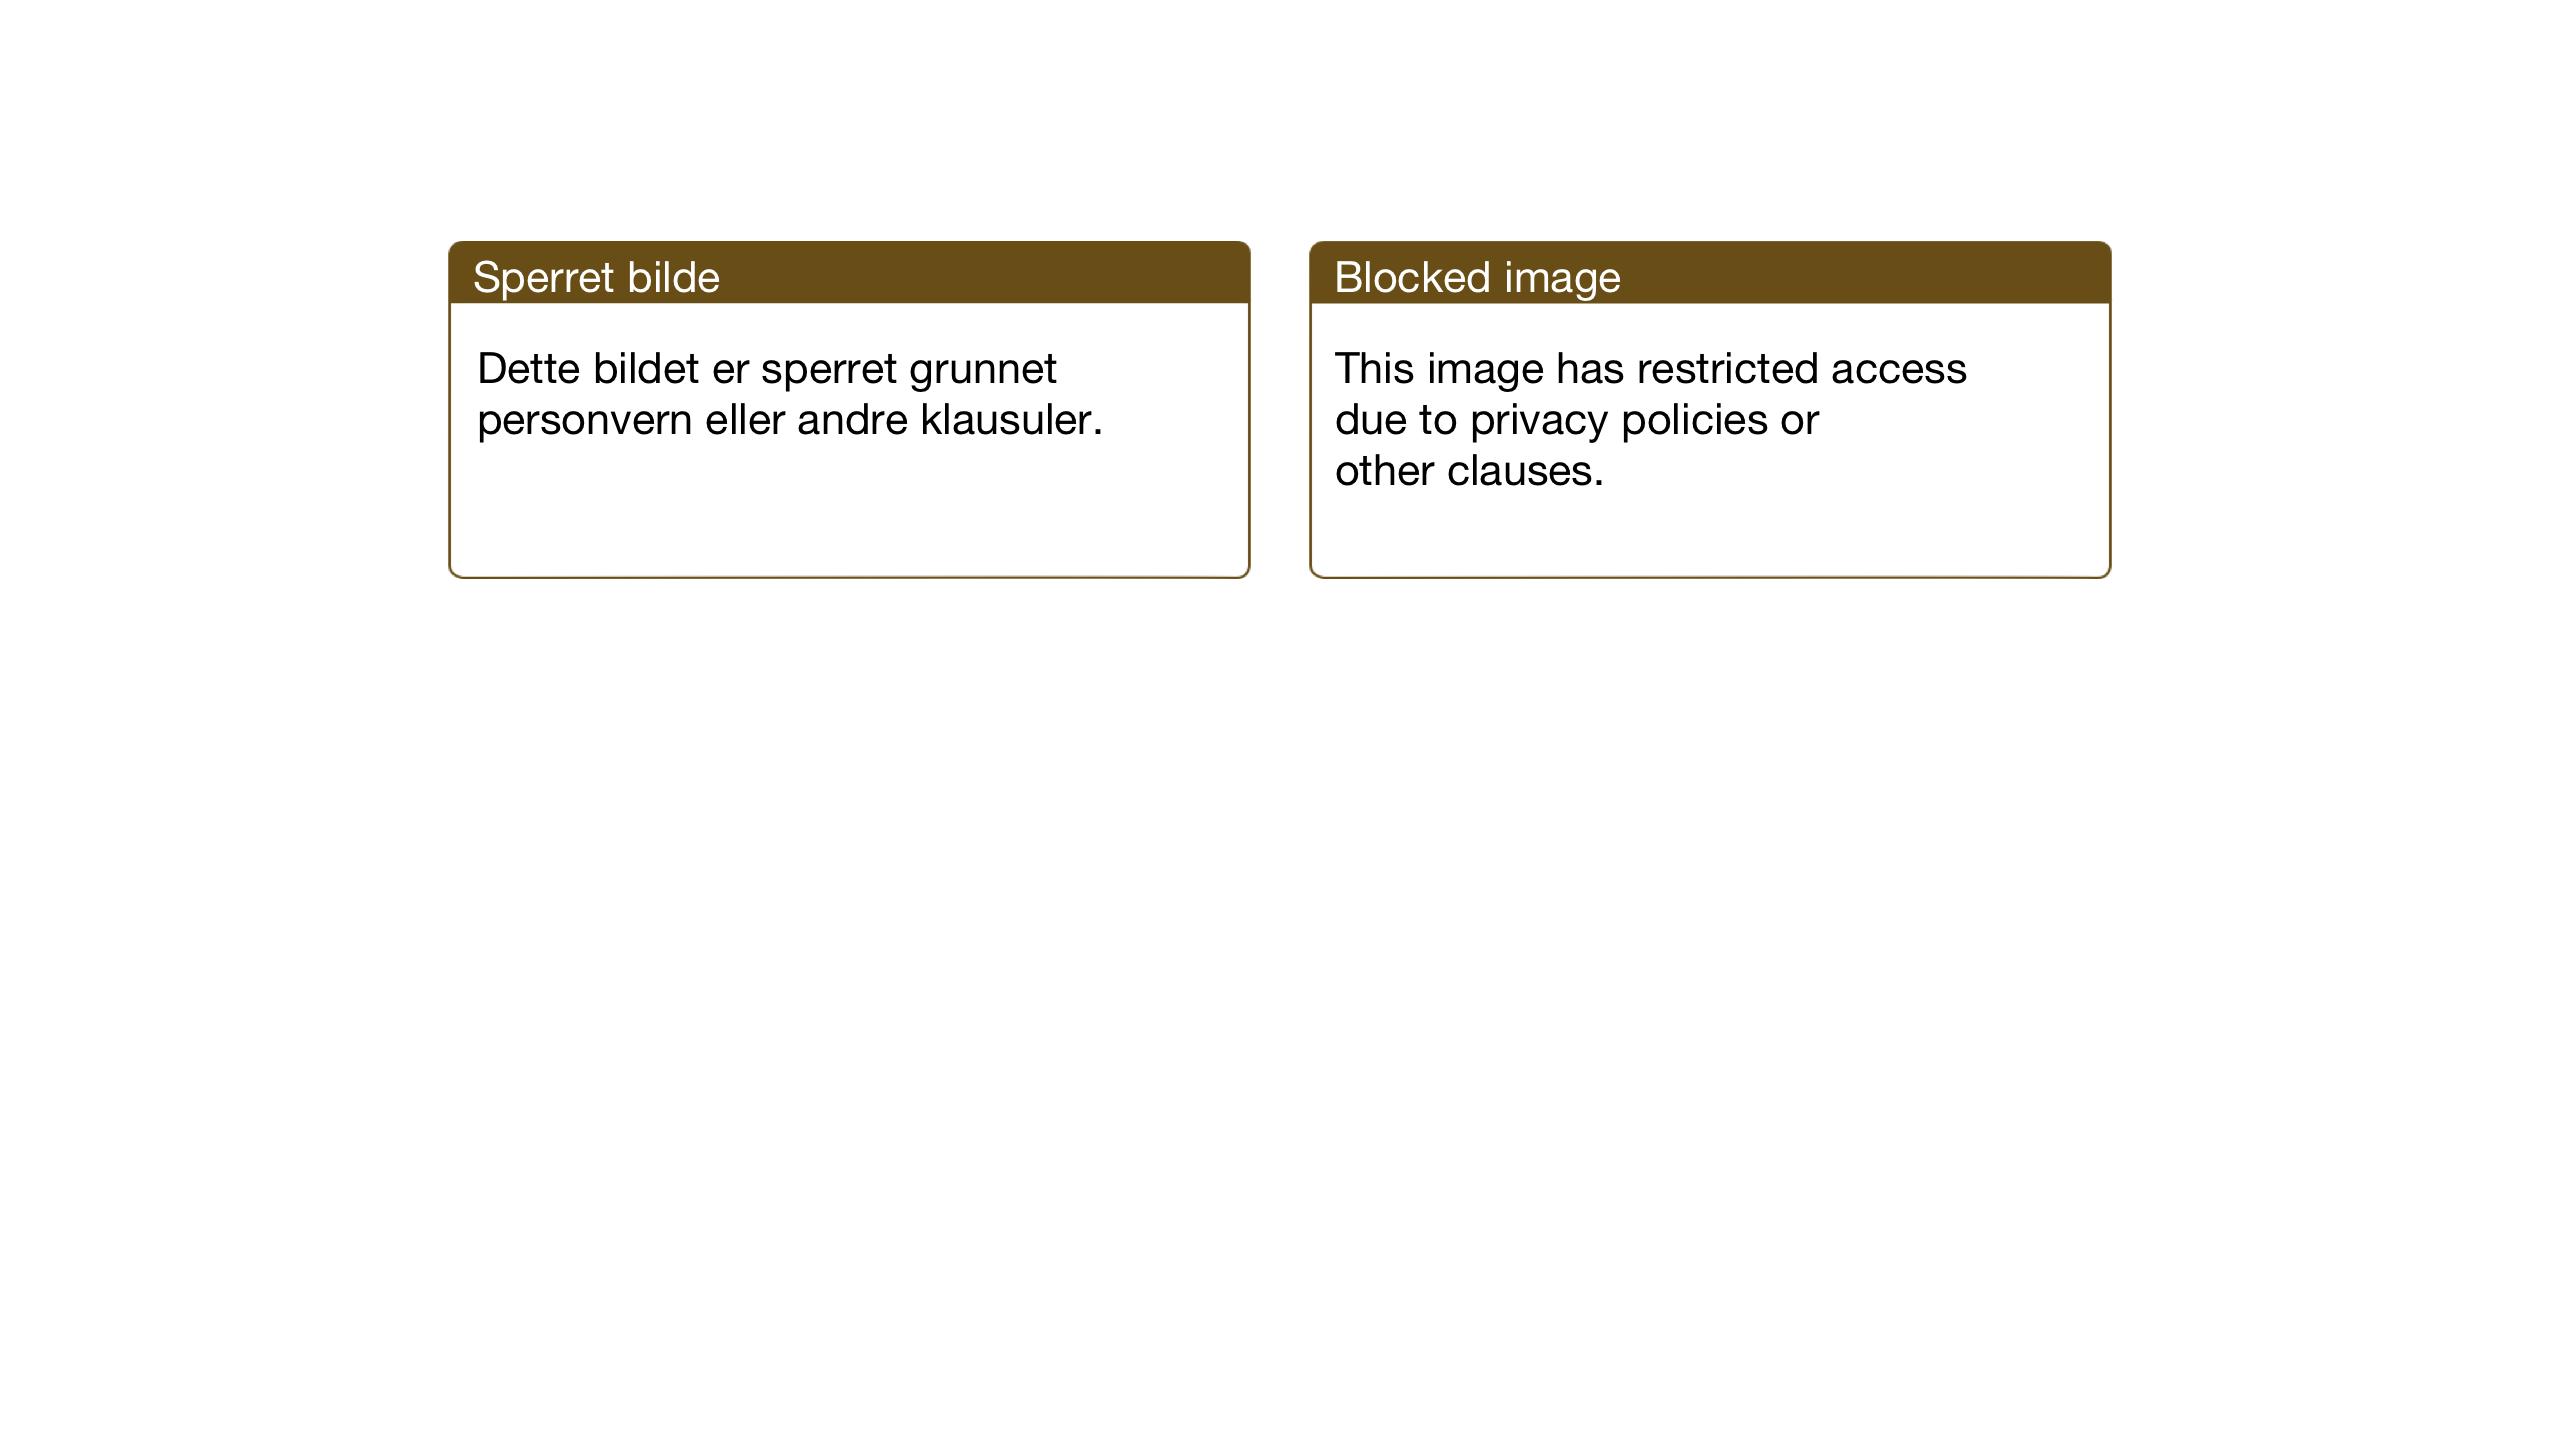 SAT, Ministerialprotokoller, klokkerbøker og fødselsregistre - Nord-Trøndelag, 755/L0500: Klokkerbok nr. 755C01, 1920-1962, s. 170